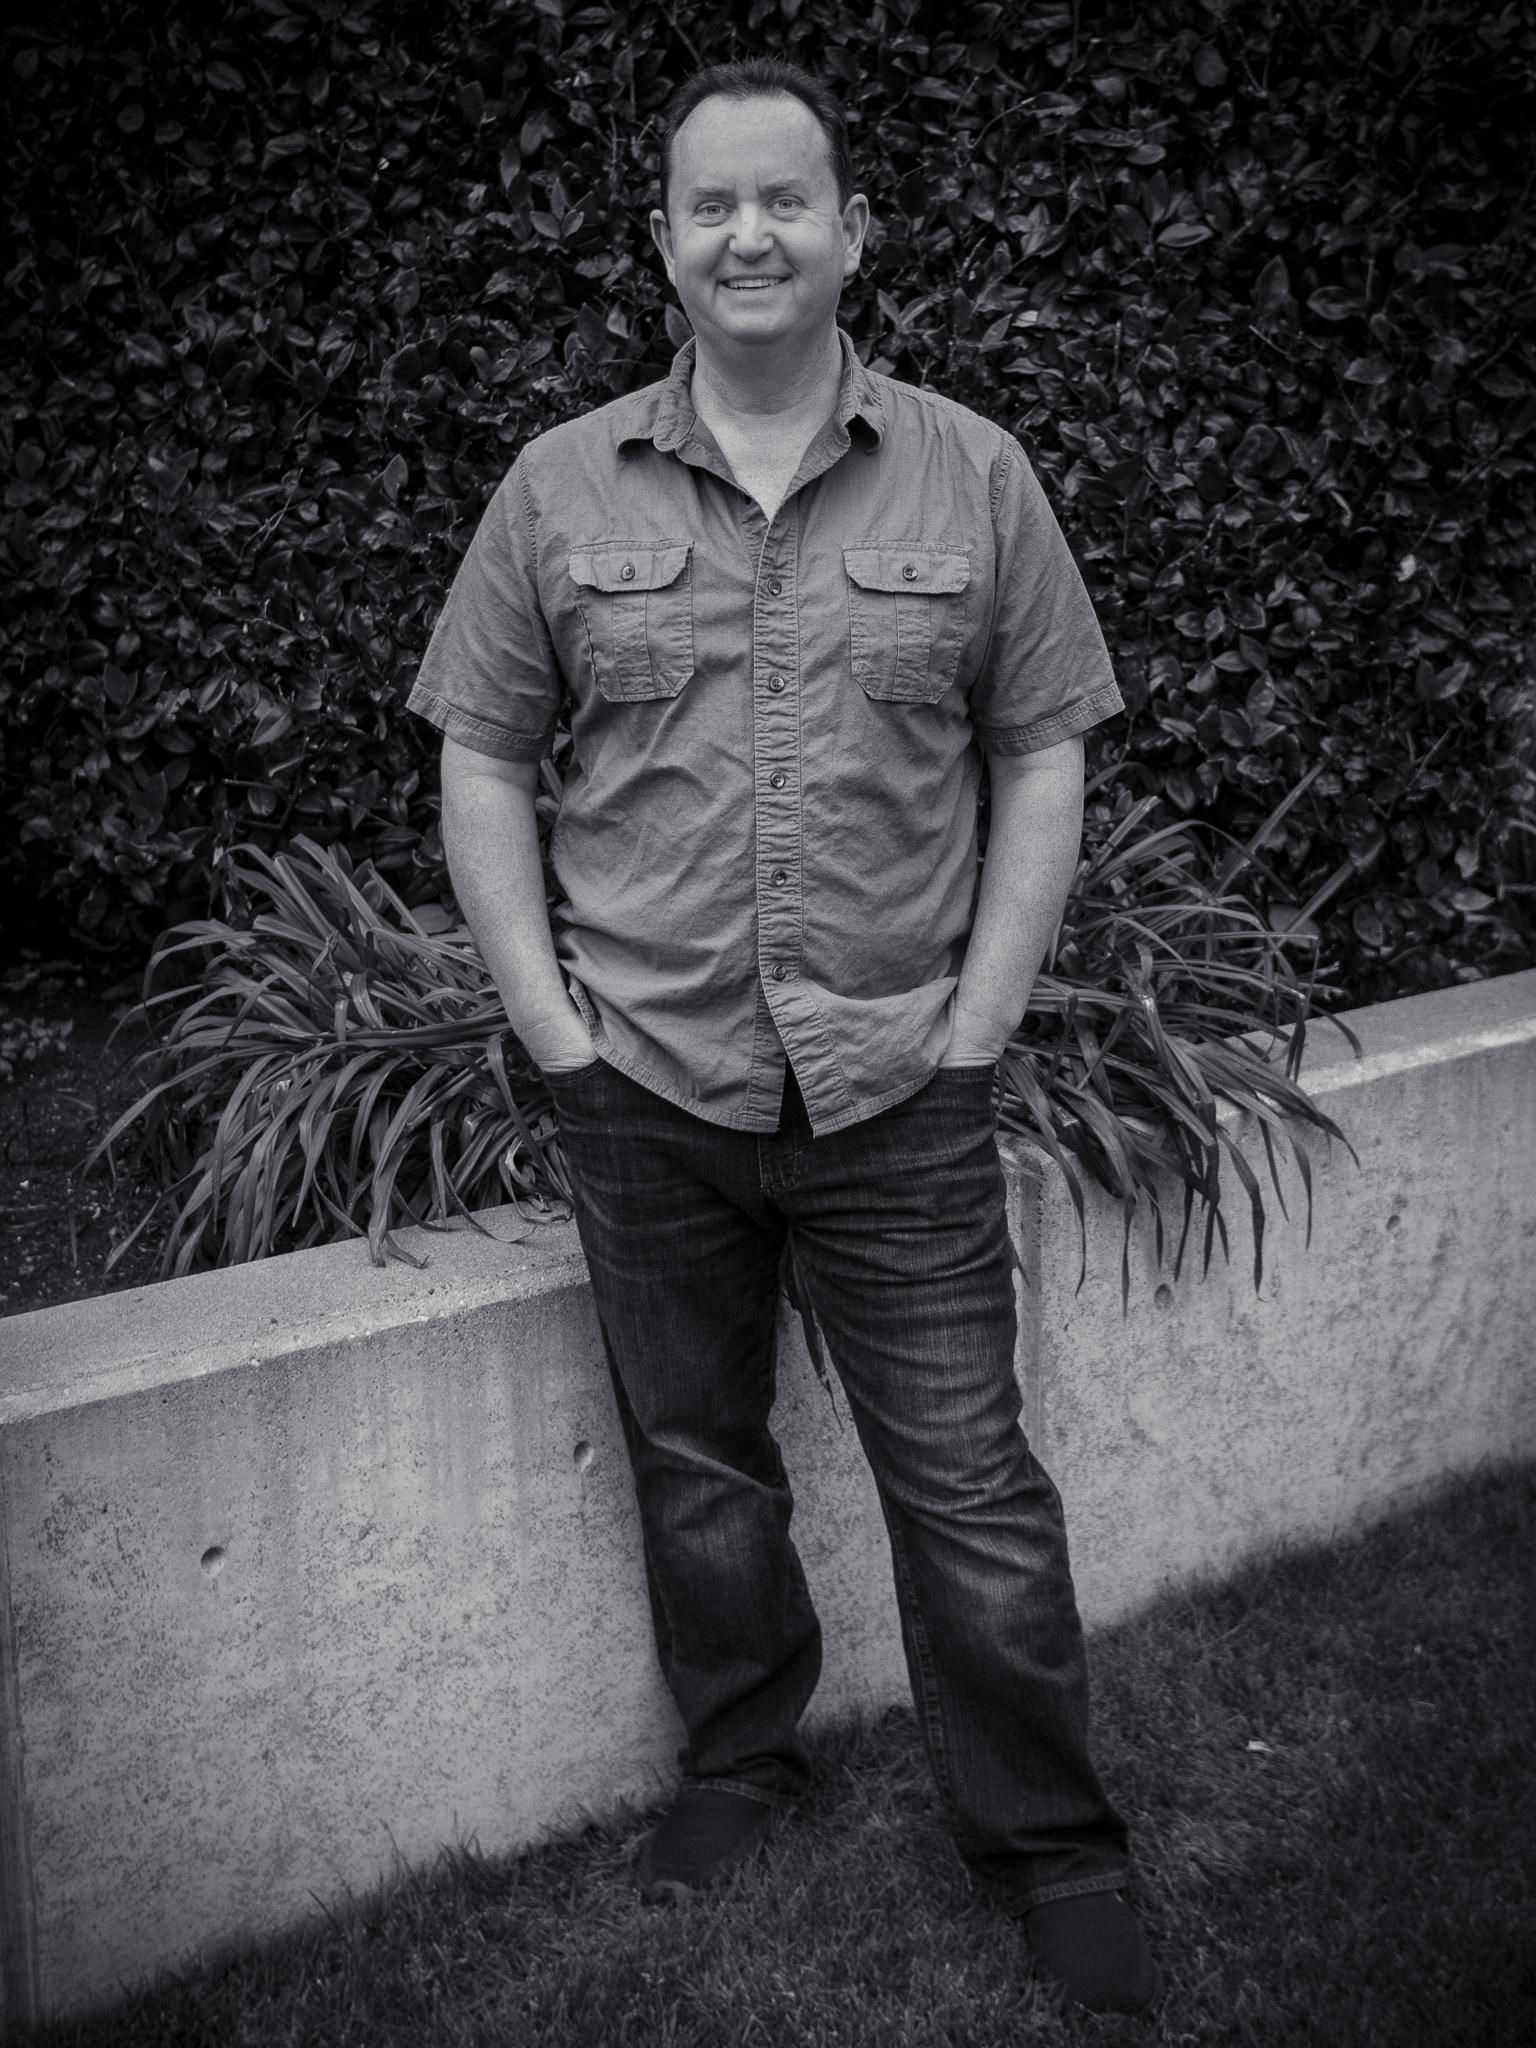 Steve Simonson exterior full body